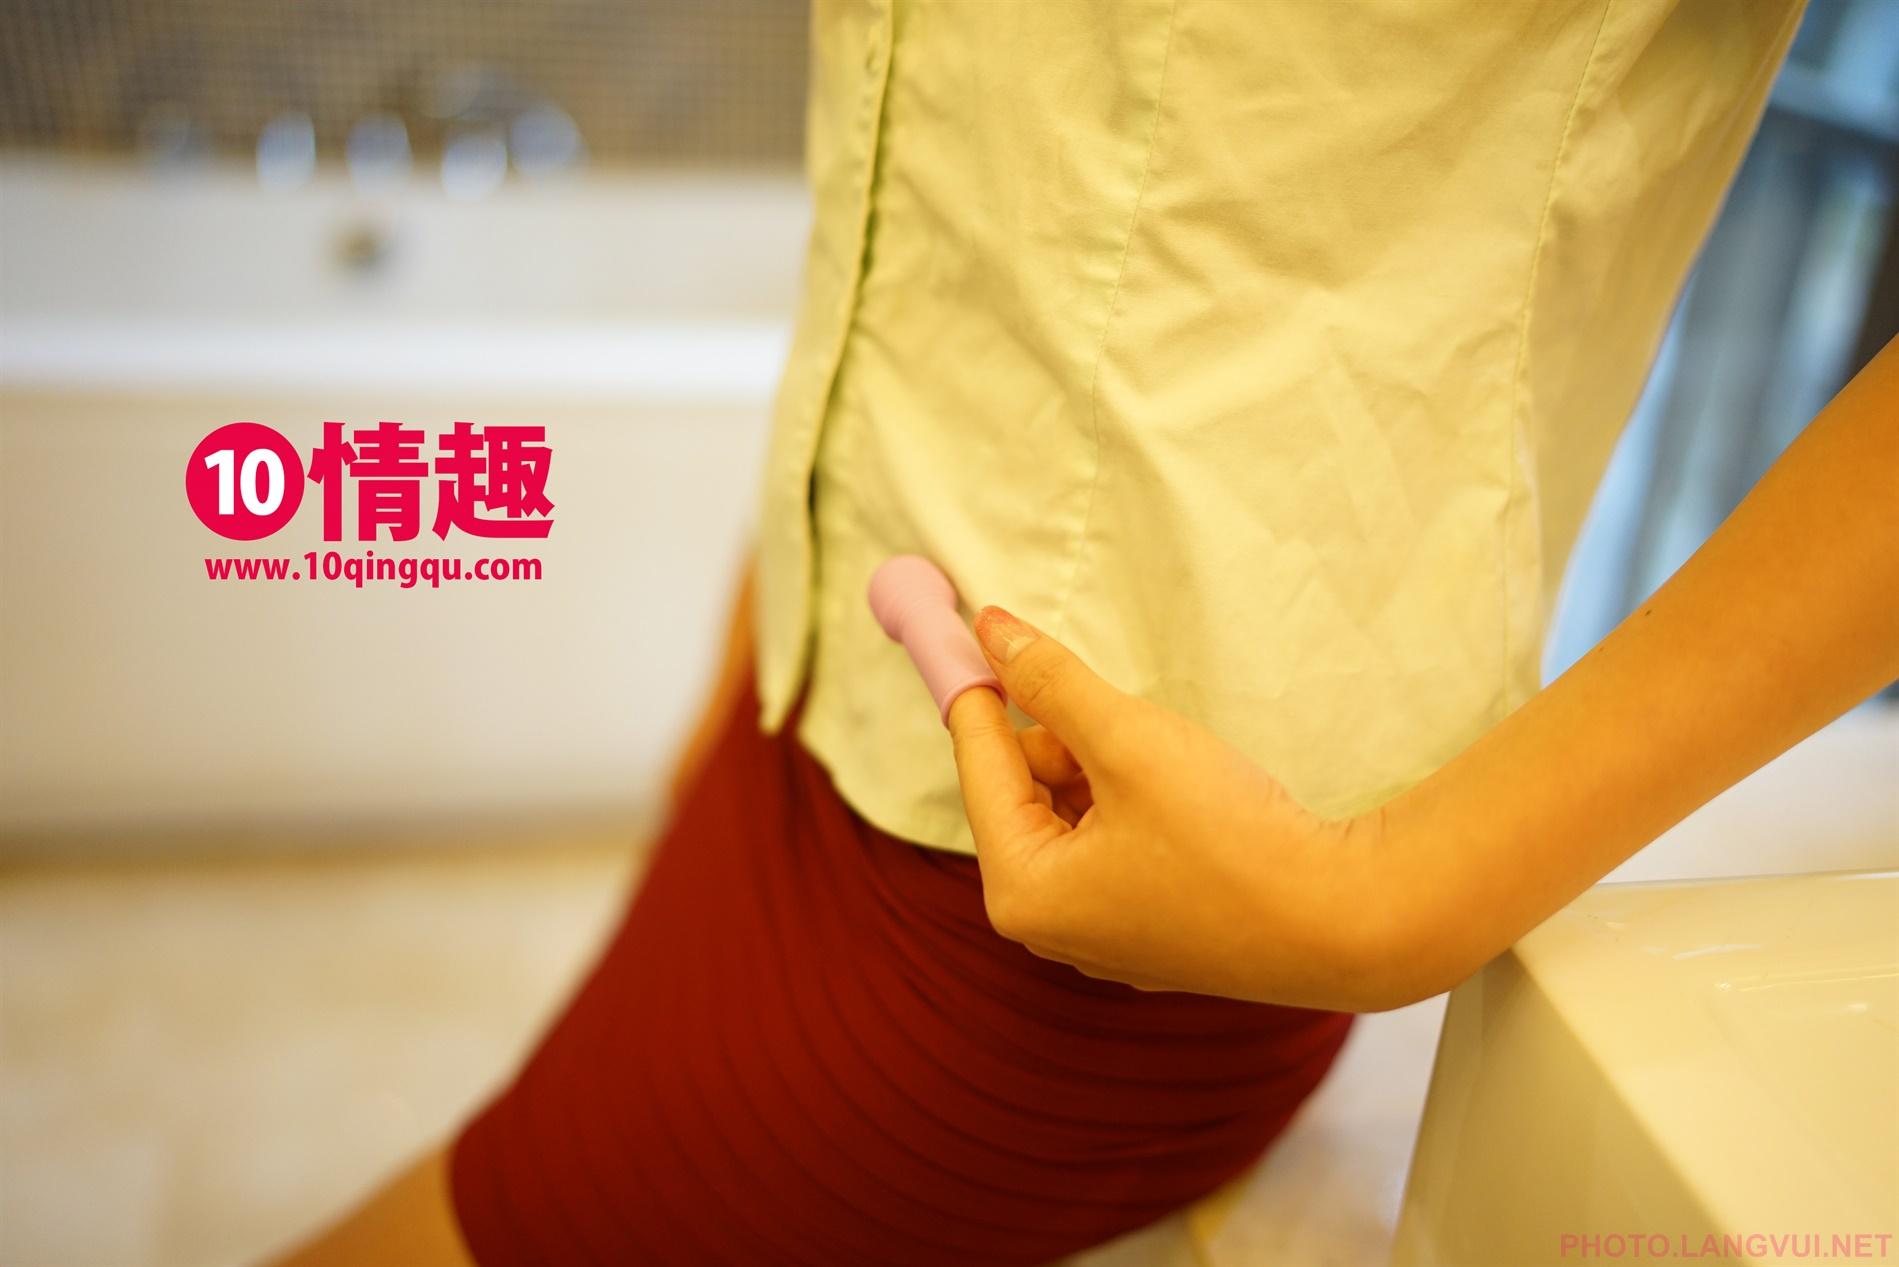 10QingQu No 008